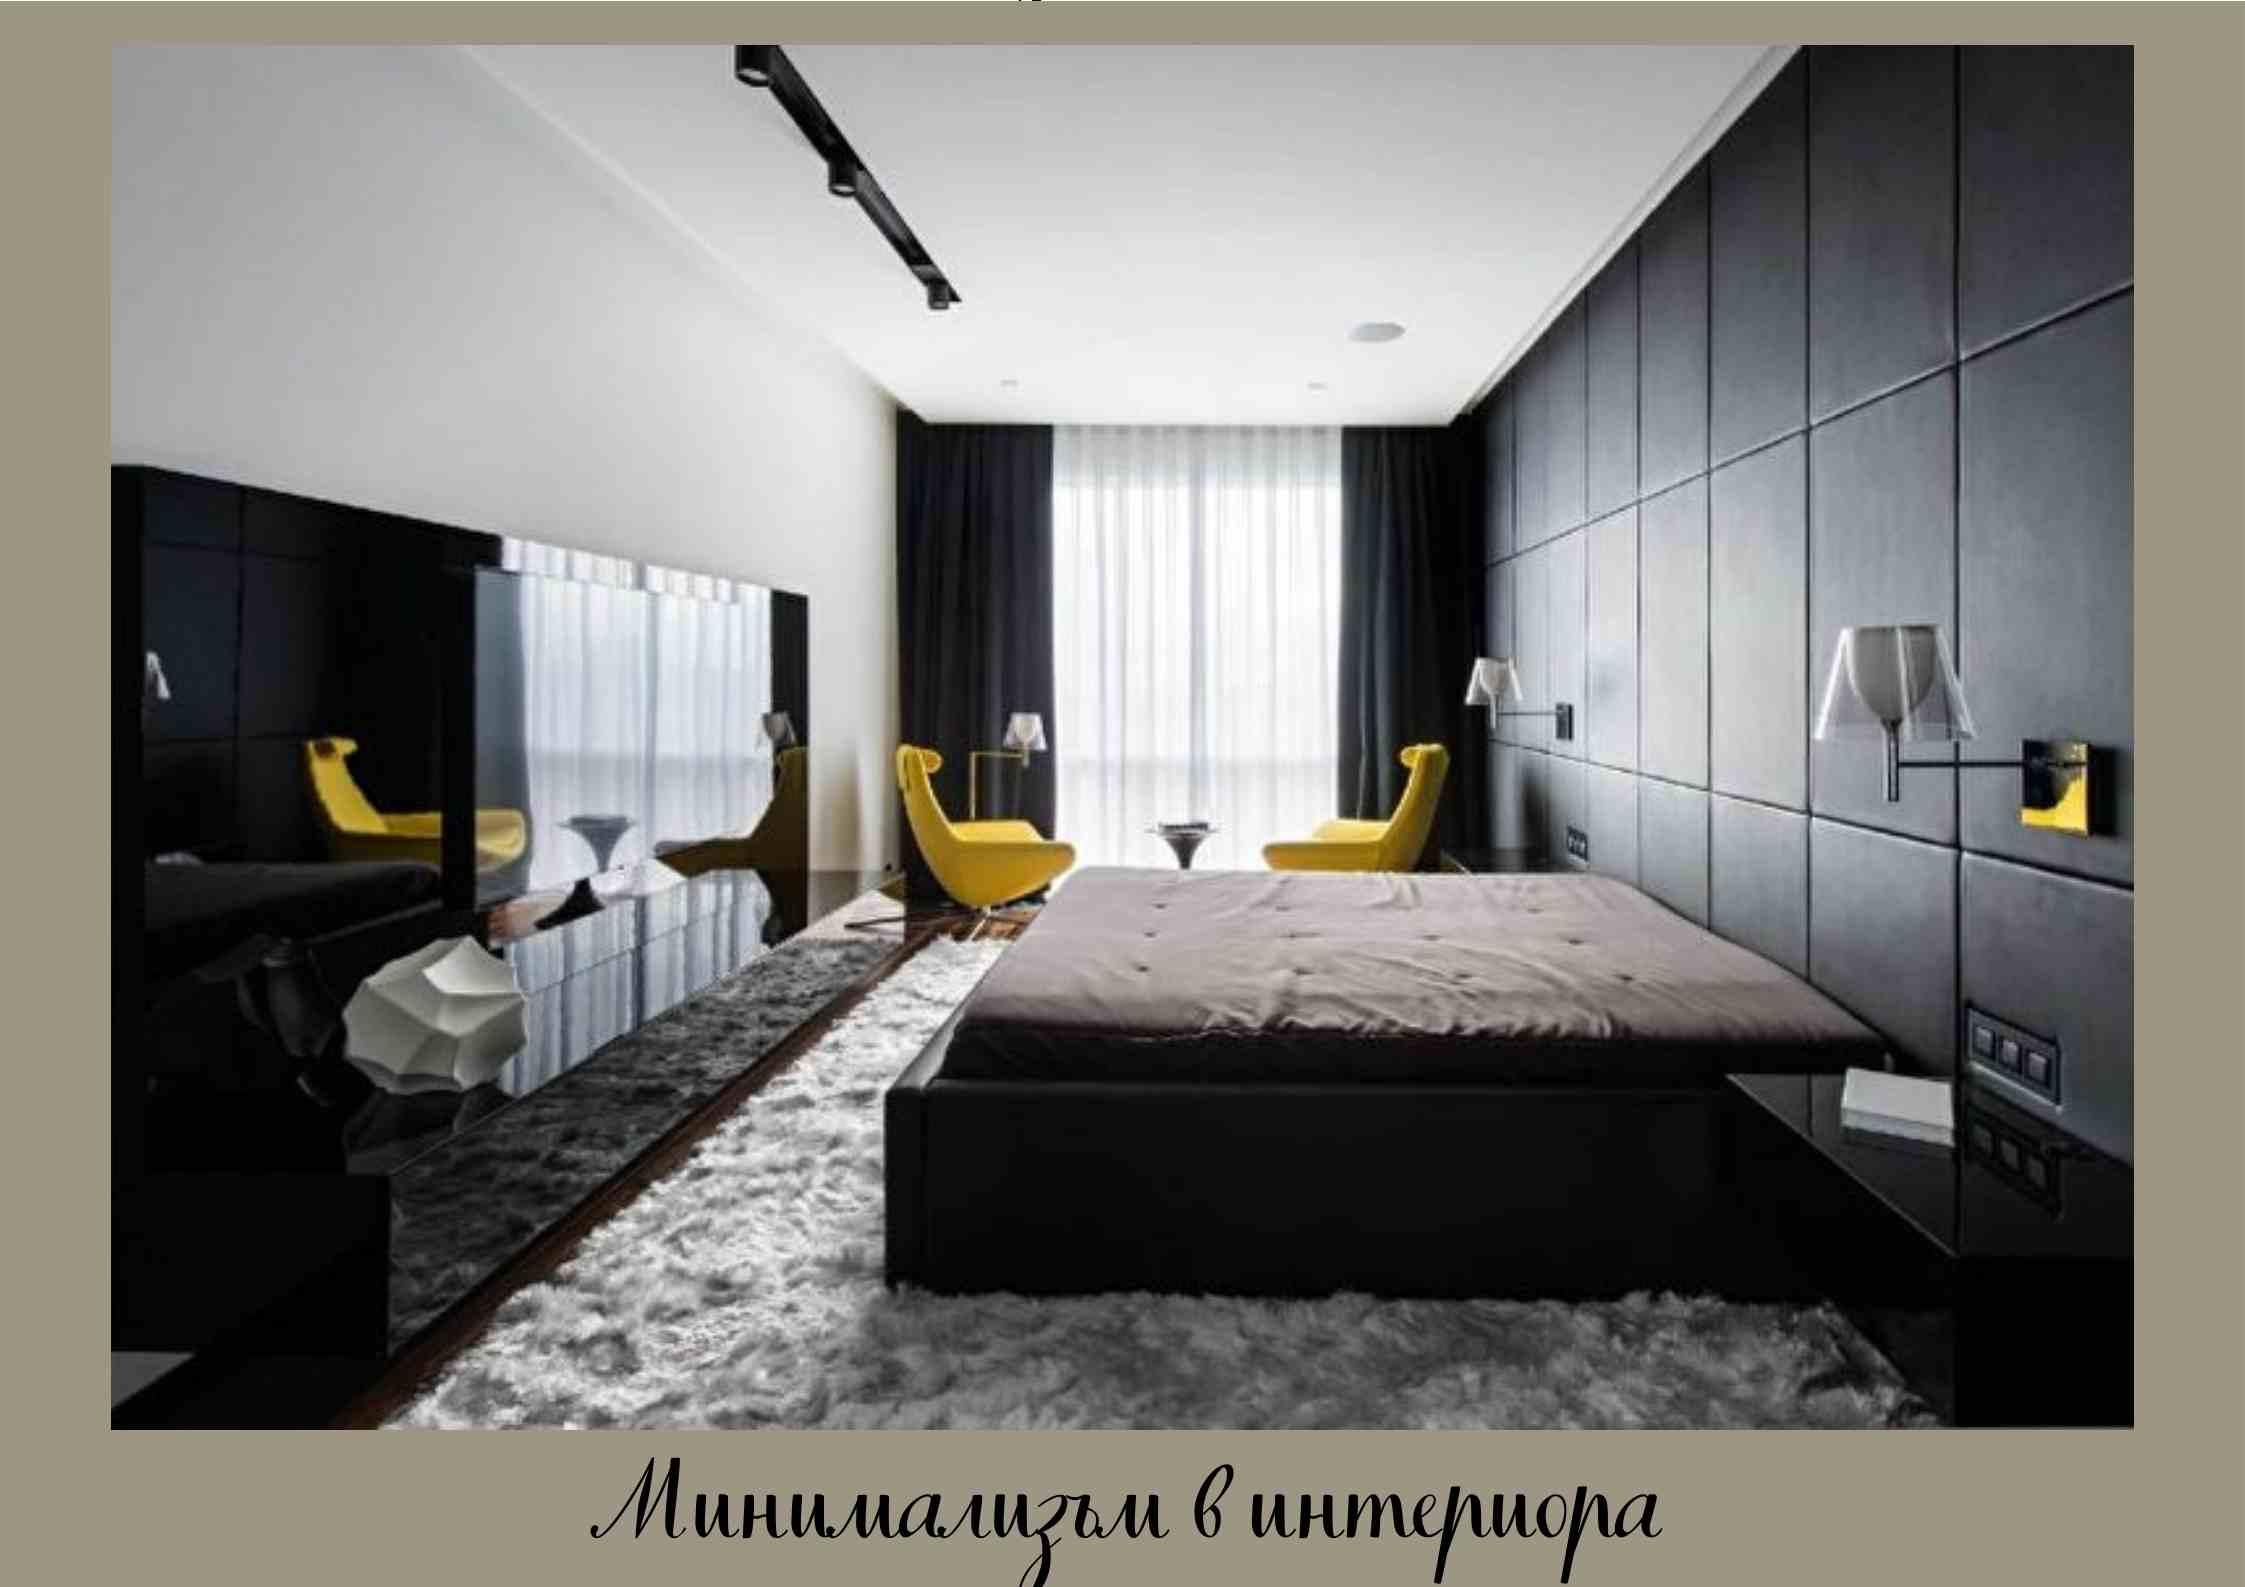 minimalism-style-life (4)